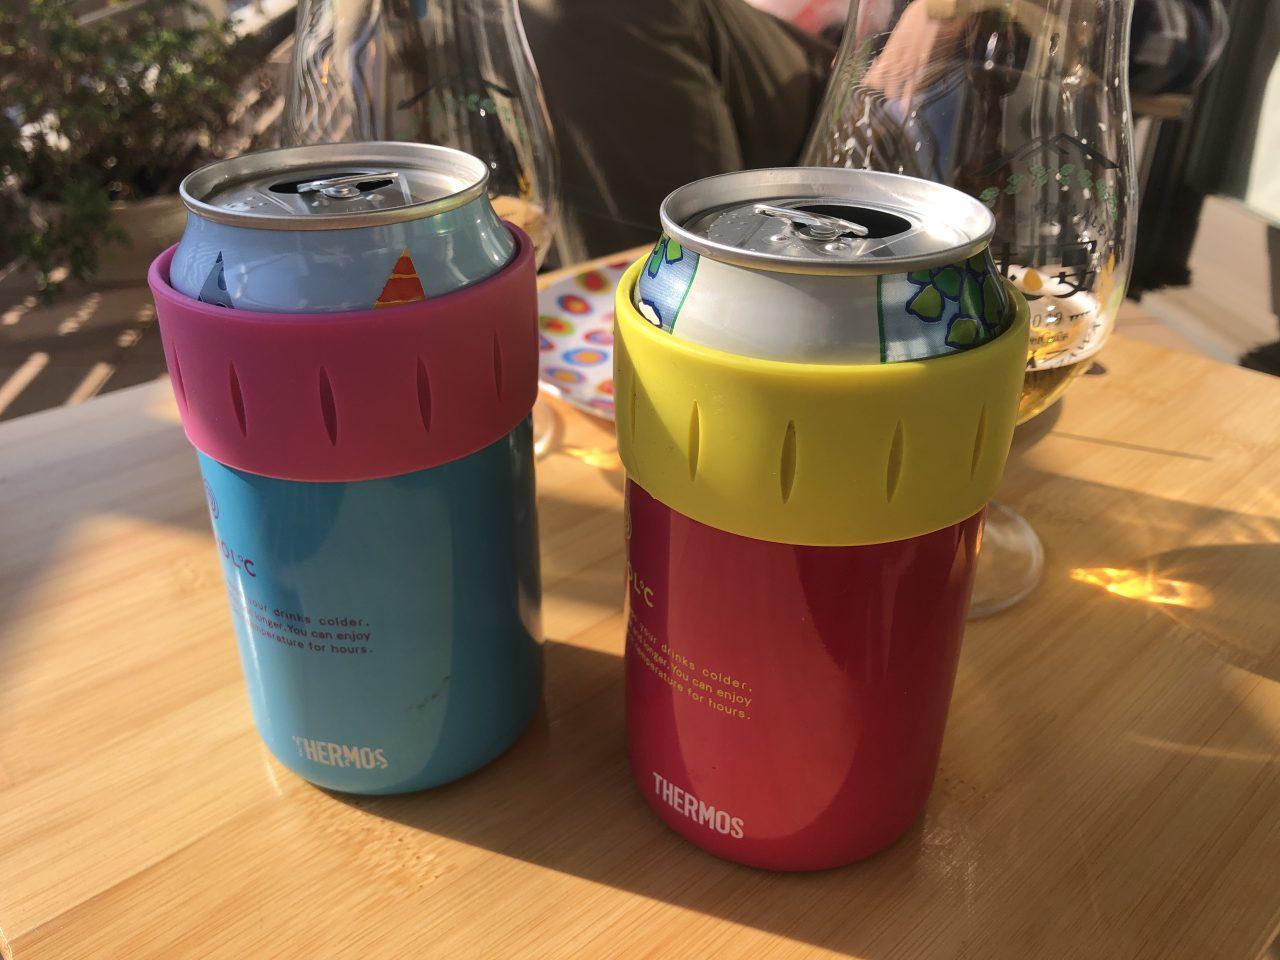 サーモスの保冷缶ホルダーでベランダ生活